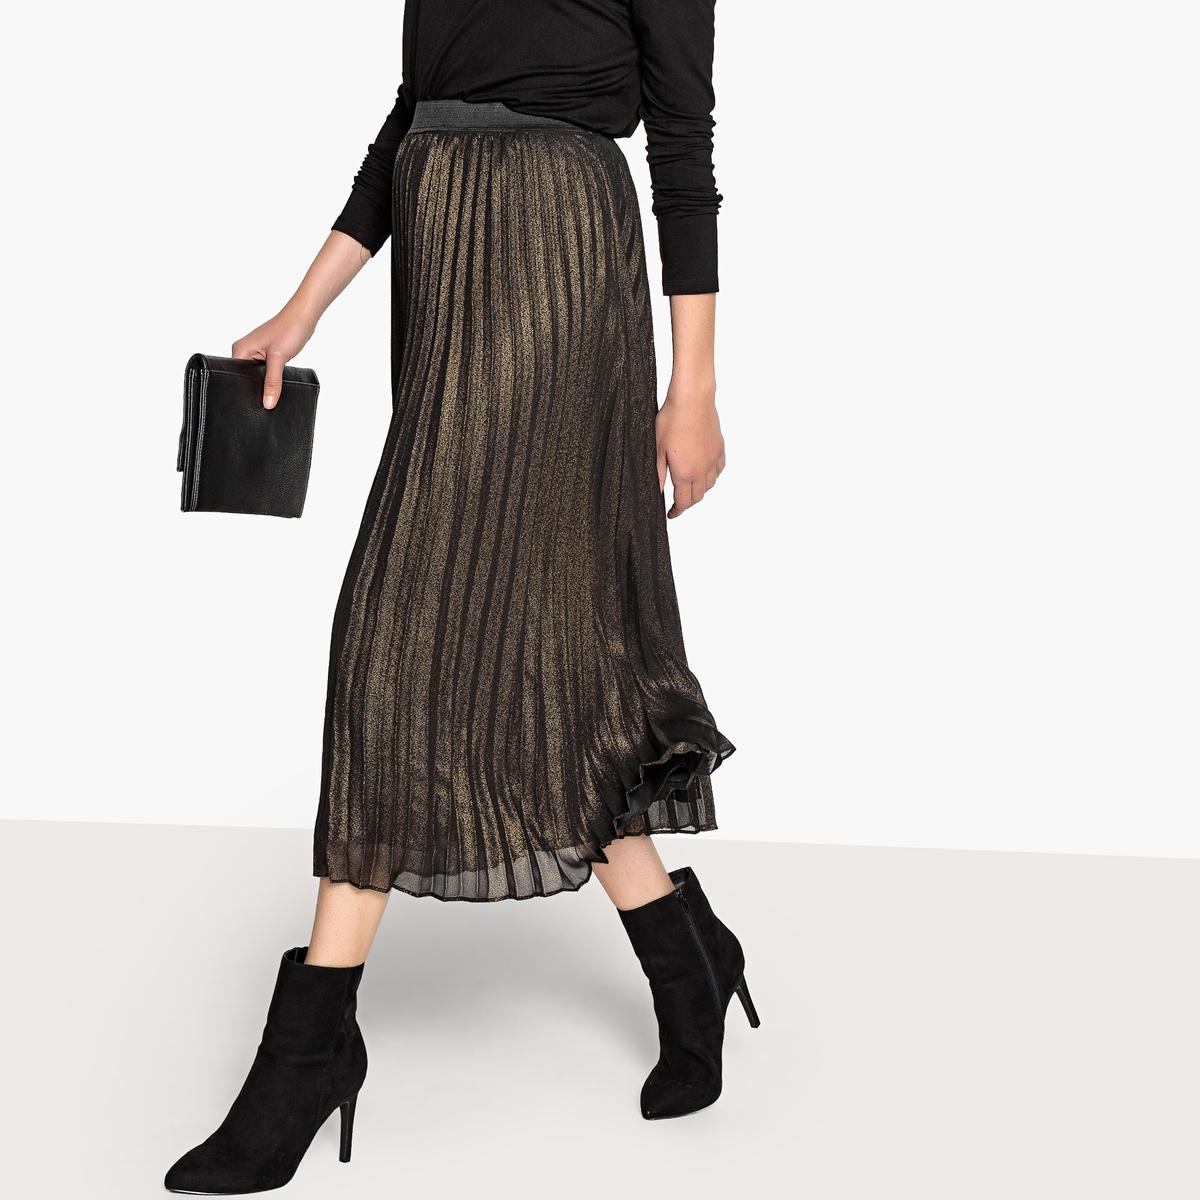 Falda larga plisada, con tejido irisado